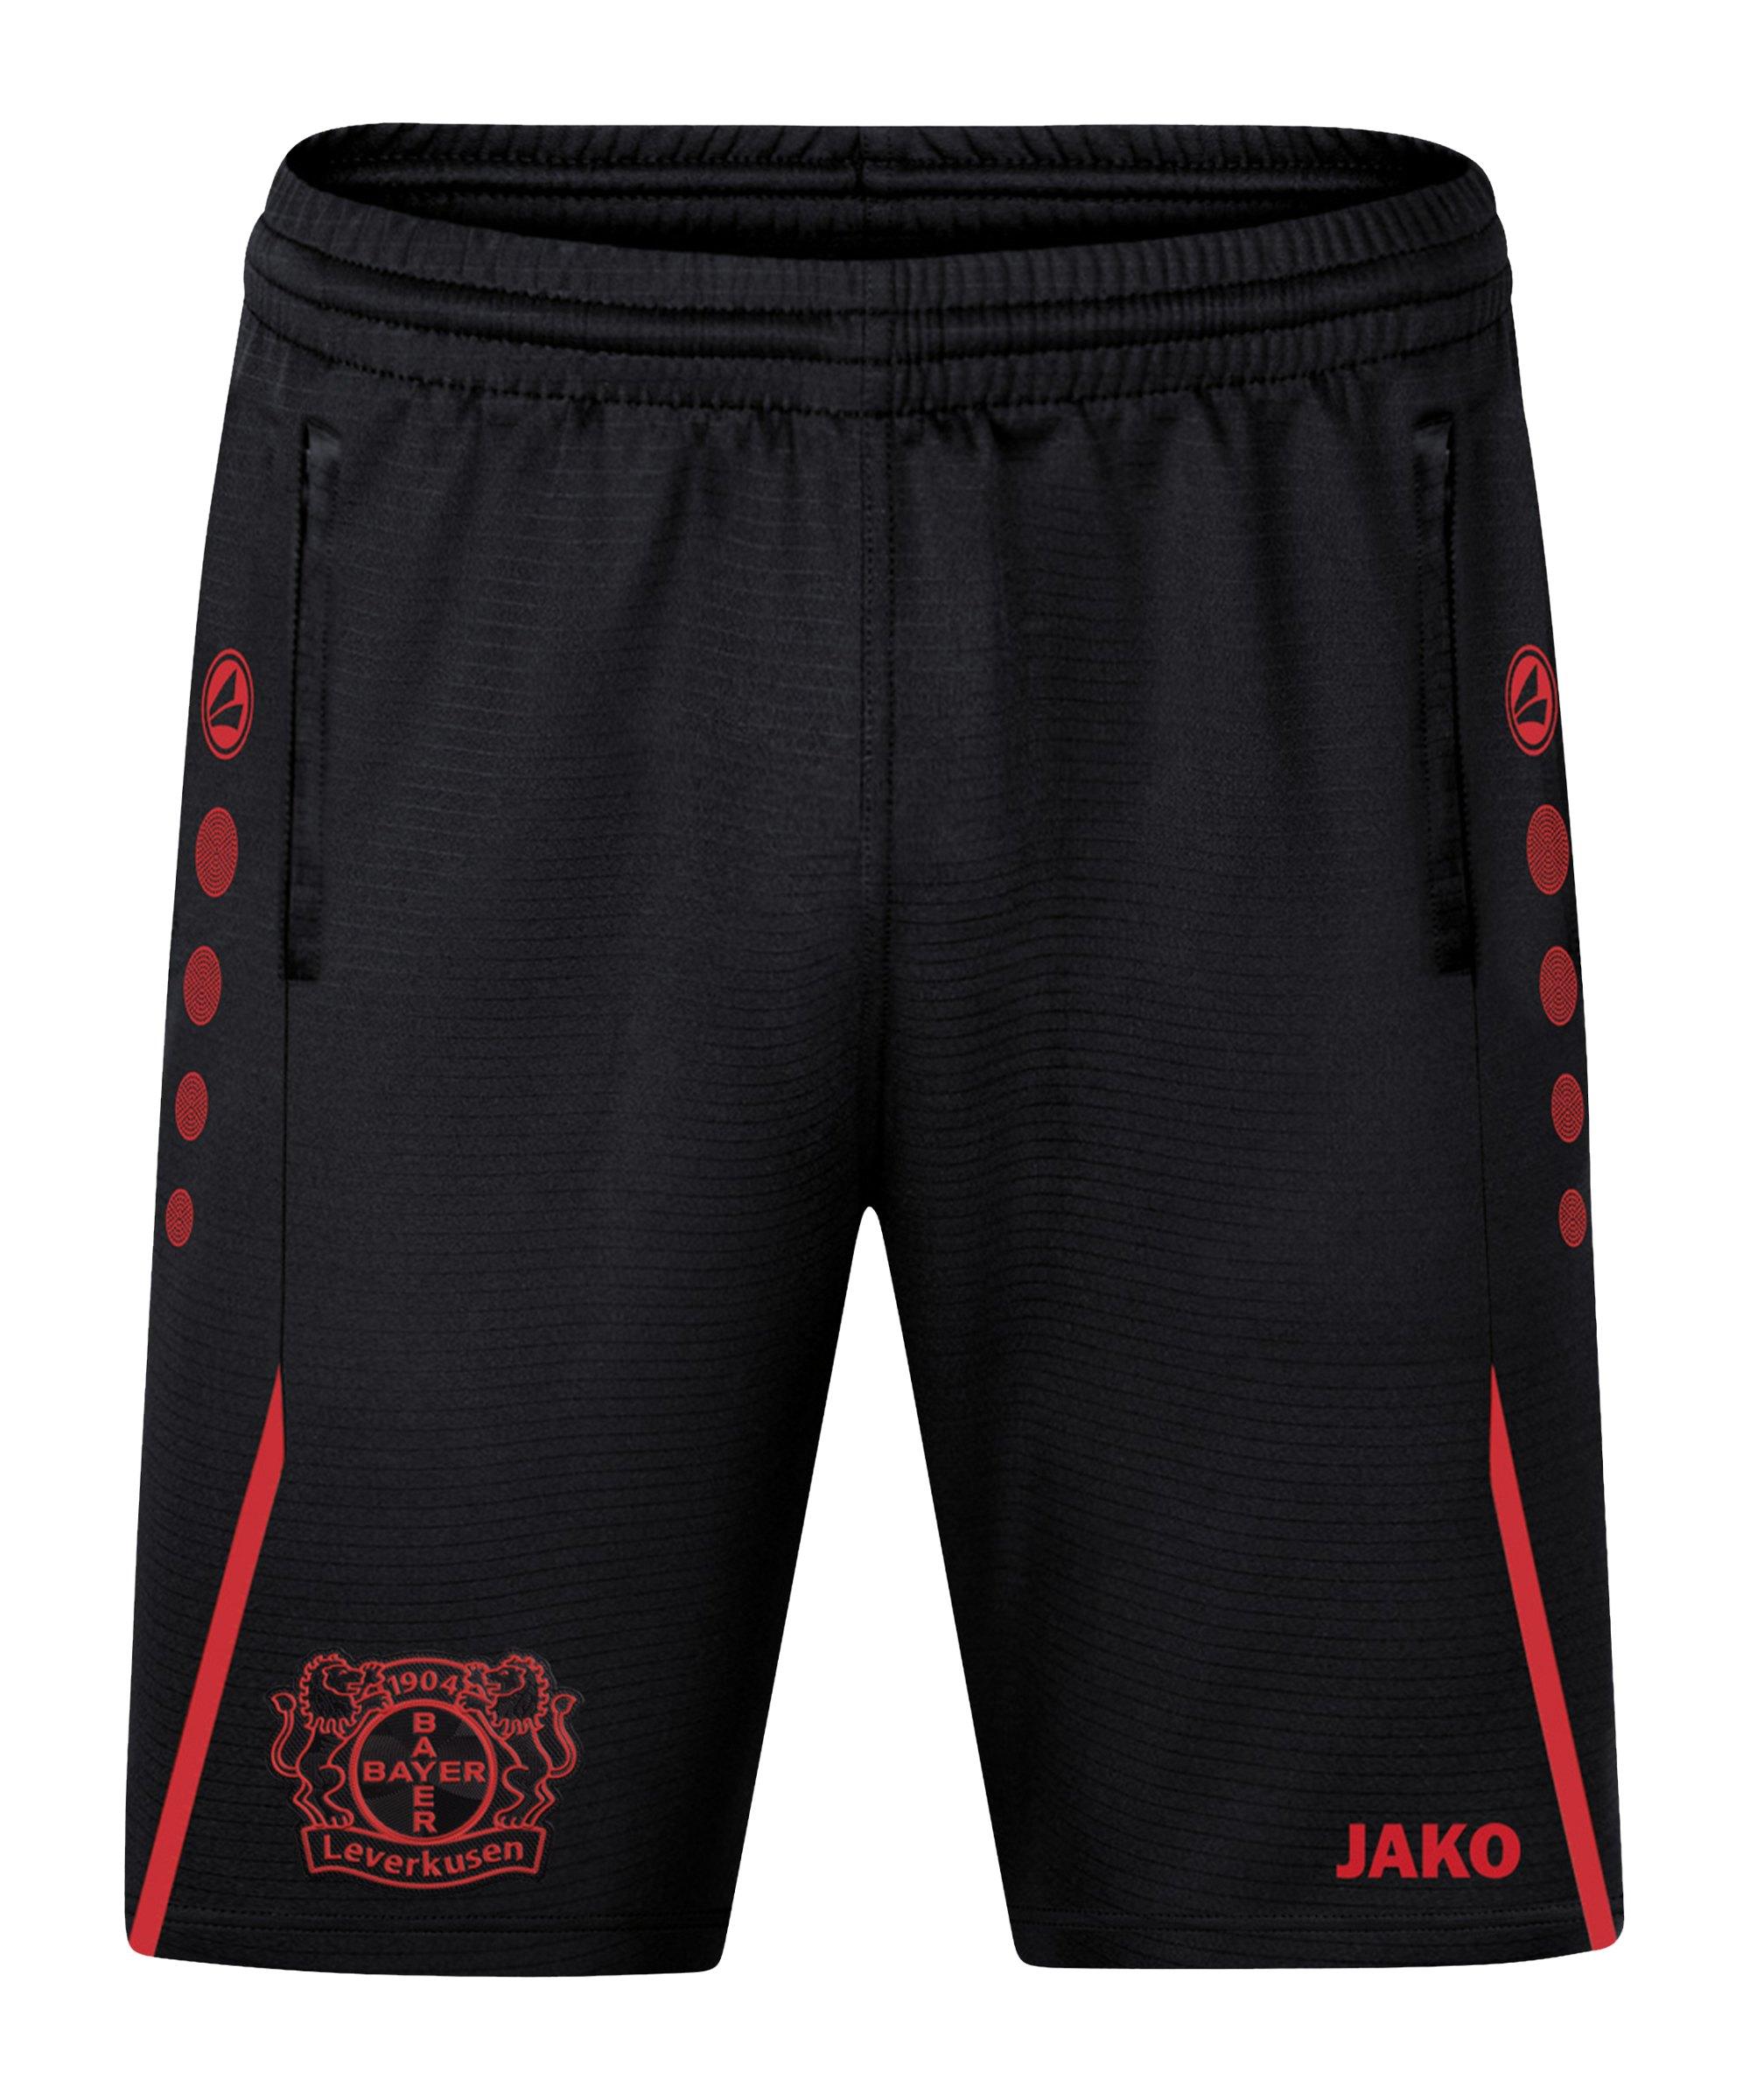 JAKO Bayer 04 Leverkusen Challenge Trainingsshort Schwarz Rot F812 - schwarz